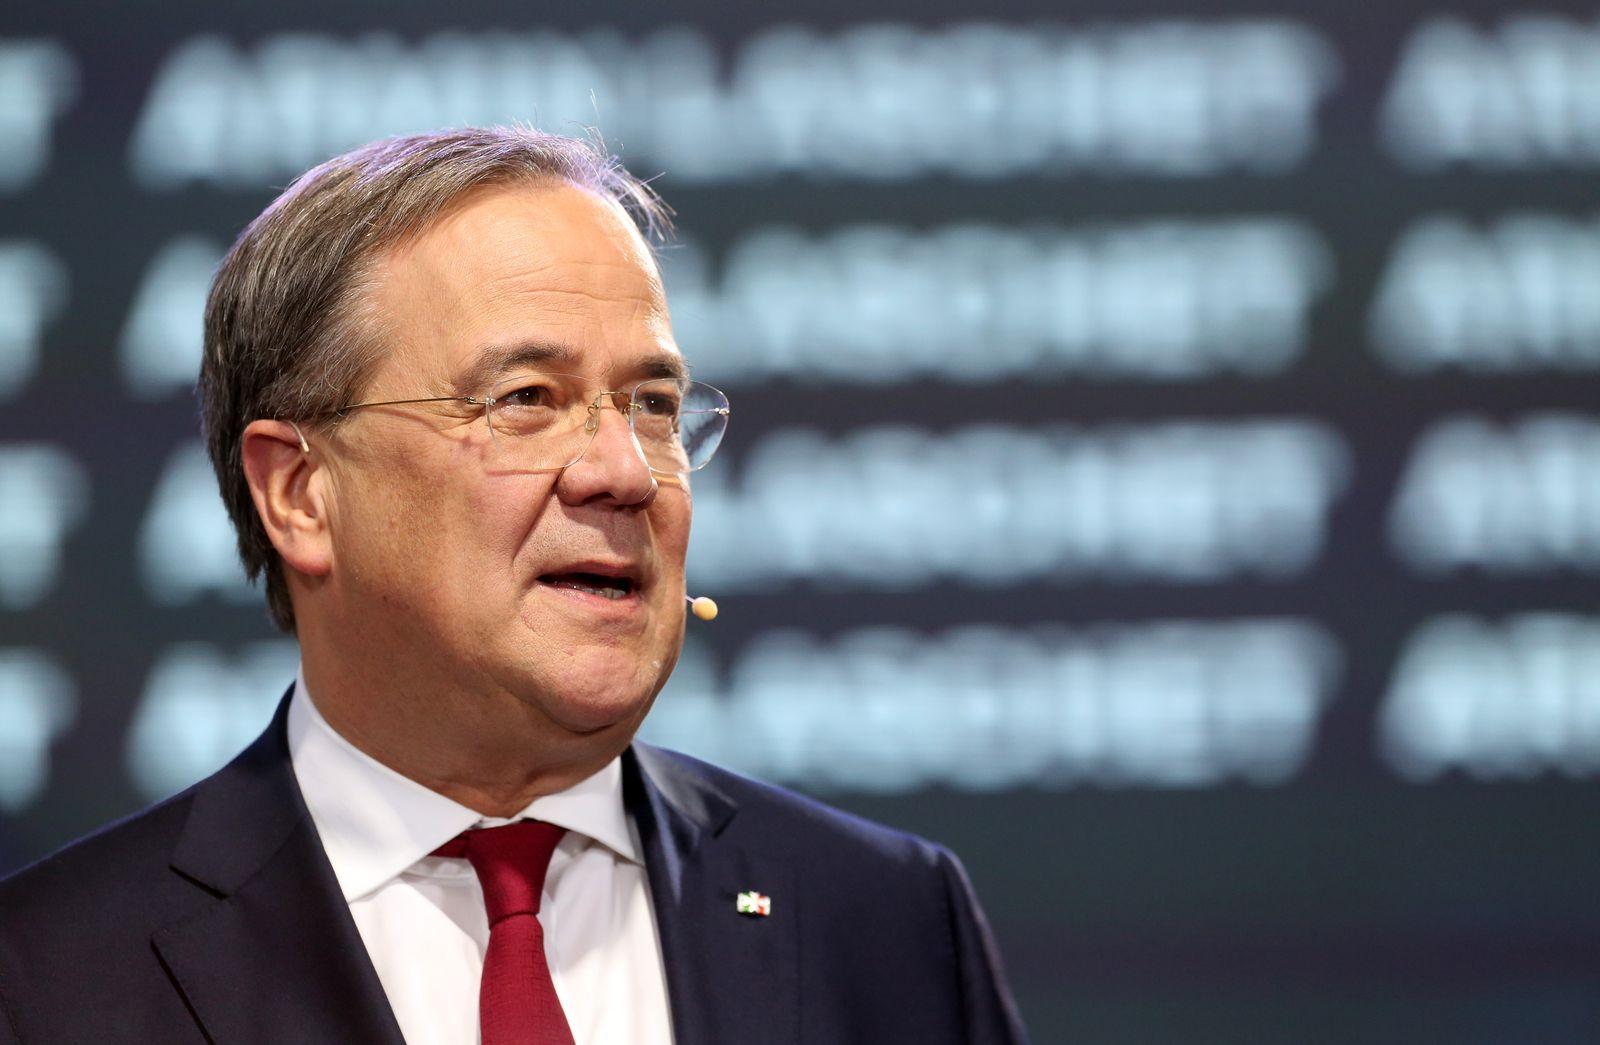 CDU leadership debate in Berlin, Germany - 17 Oct 2020